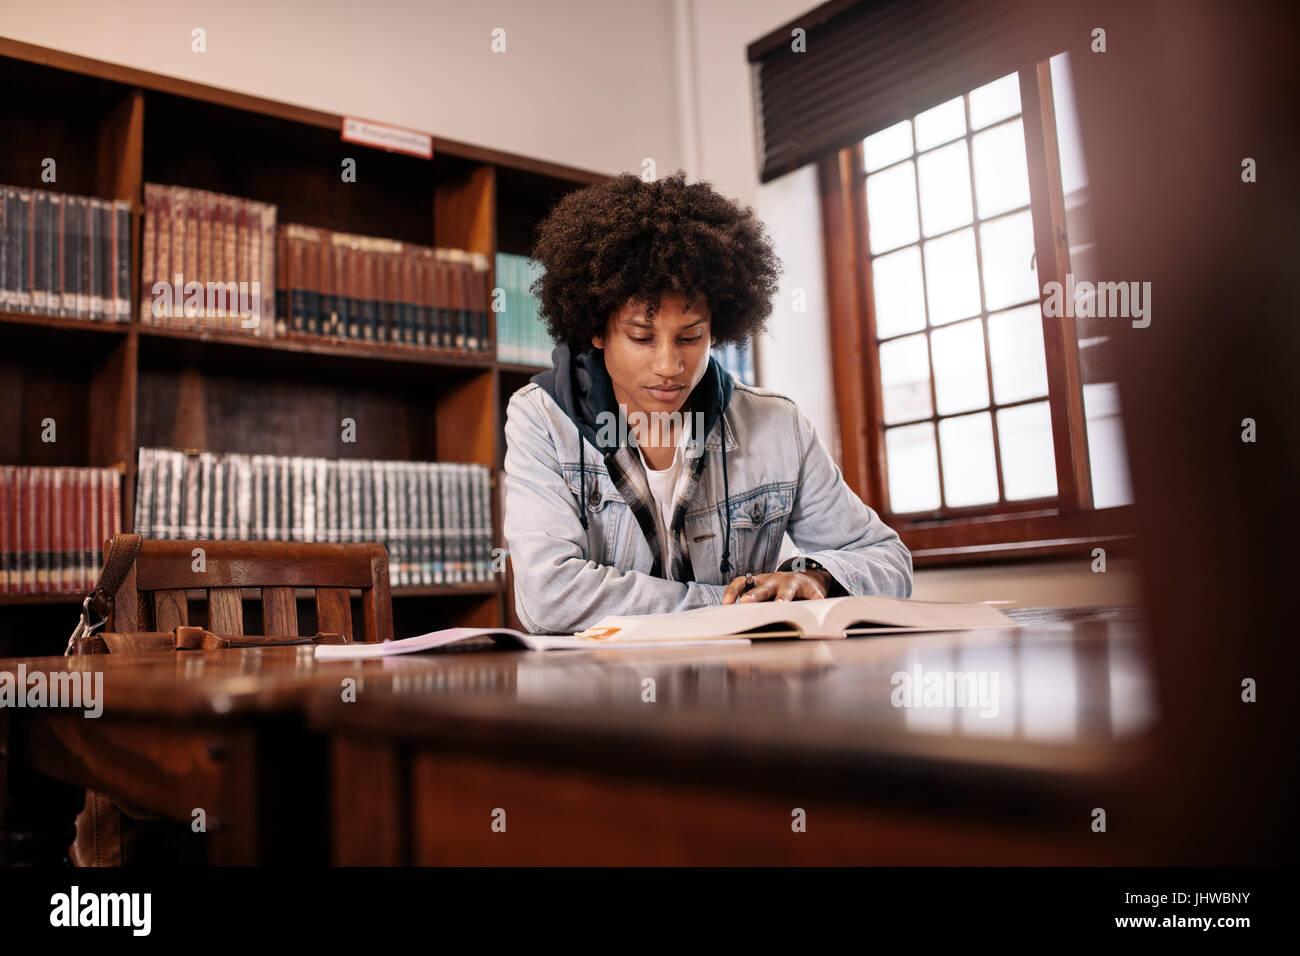 African studente di college la lettura di libro in biblioteca. Giovane studente seduto a tavola in libreria e studiare. Immagini Stock